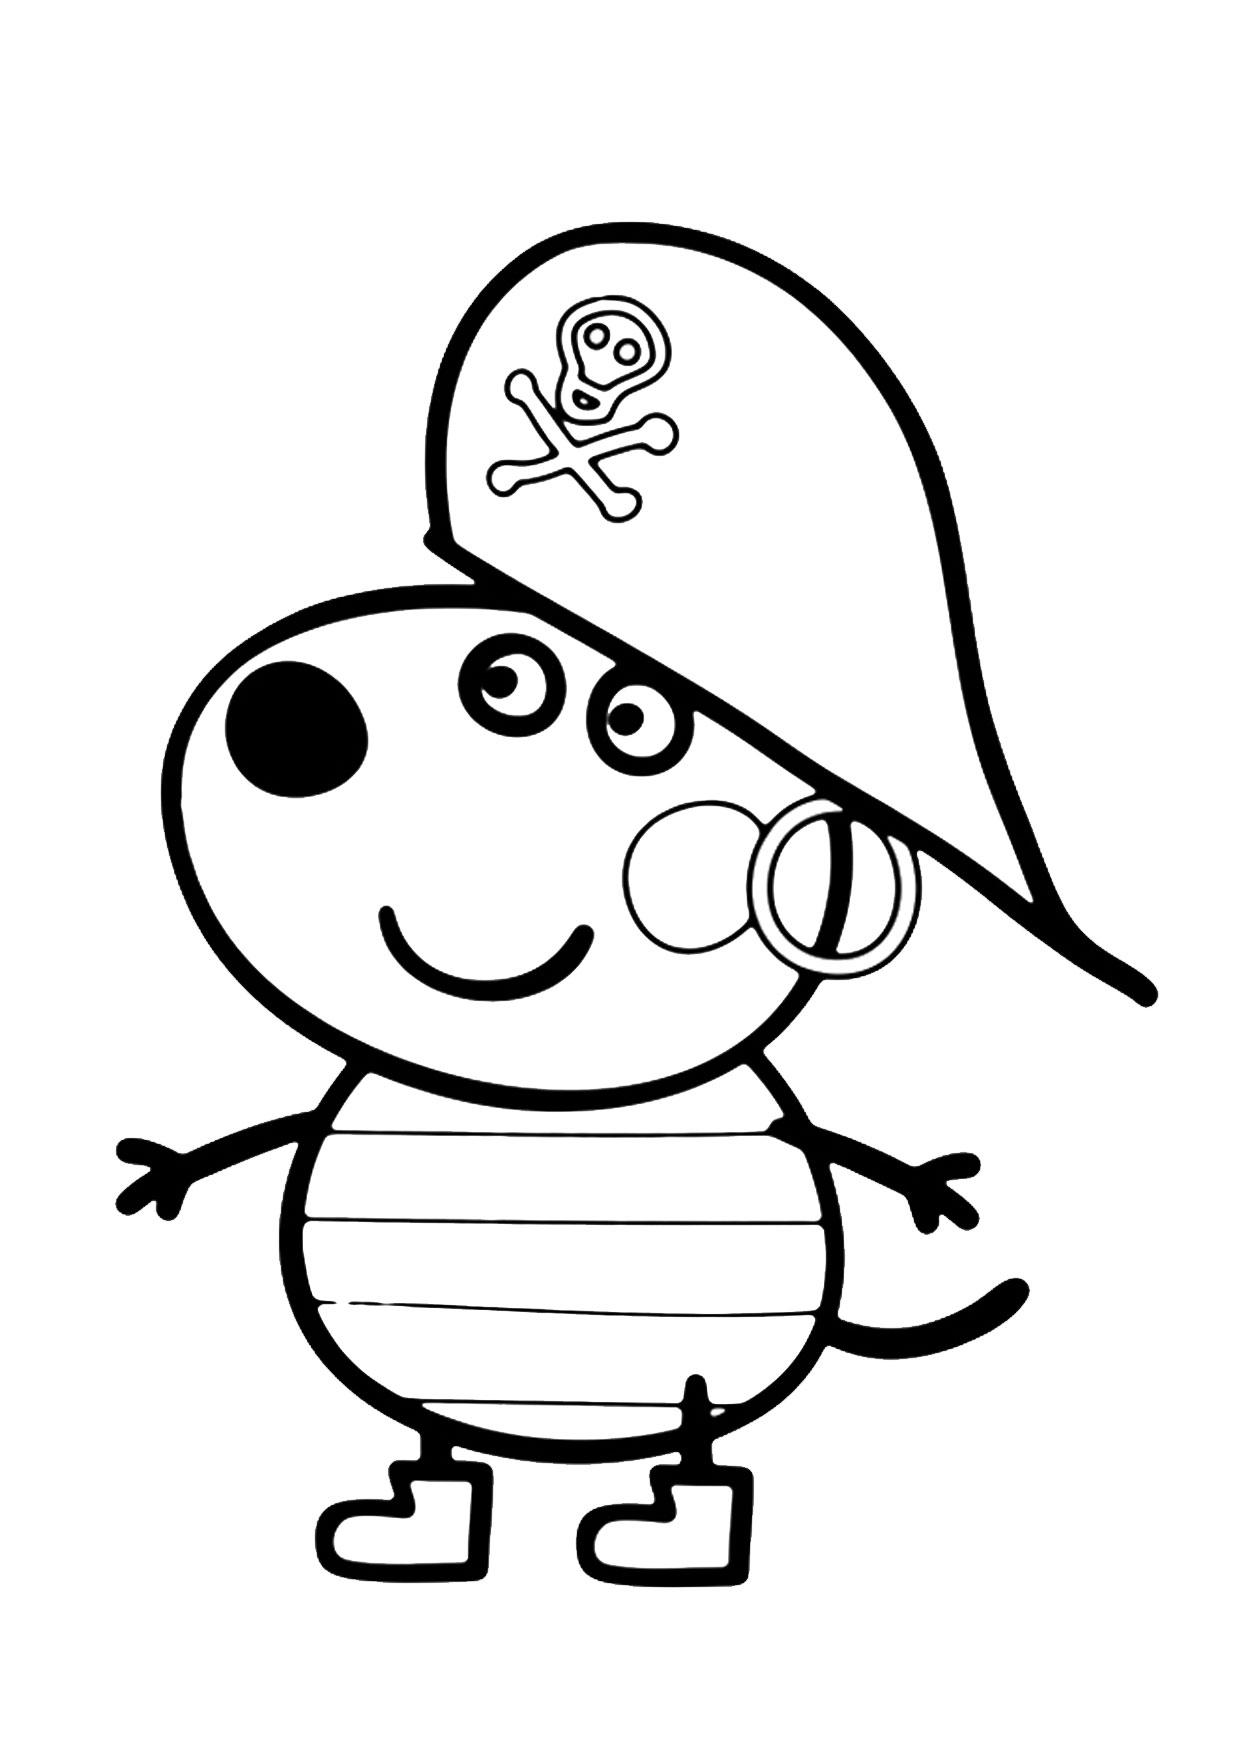 Disegno Peppa Pig da colorare 06